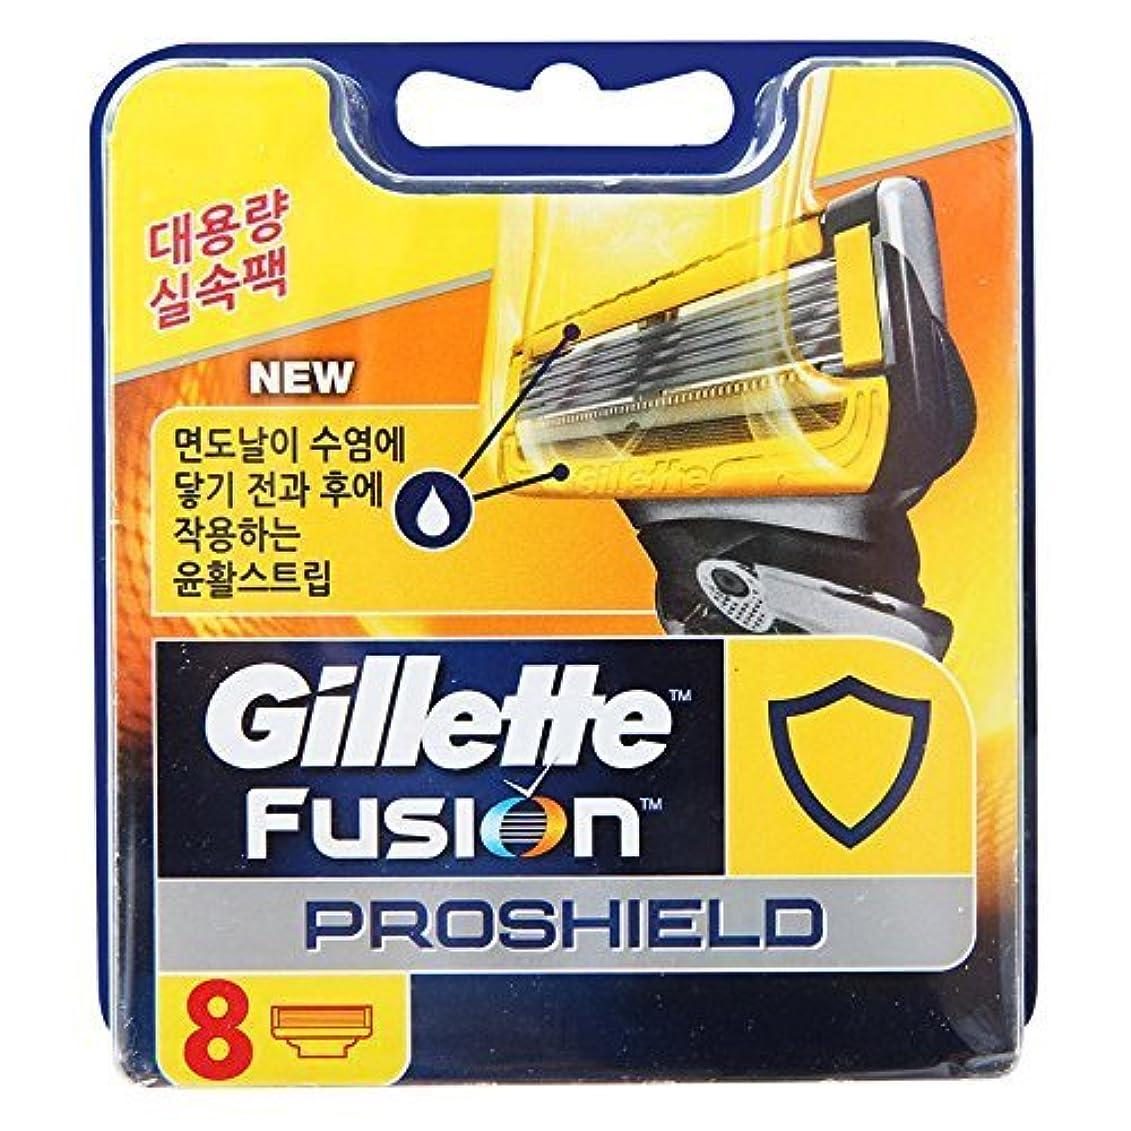 に同意するアラバマ自慢Gillette Fusion Proshield Yellow Men's Razor Blade 8 Pack / ドイツ製 [並行輸入品]